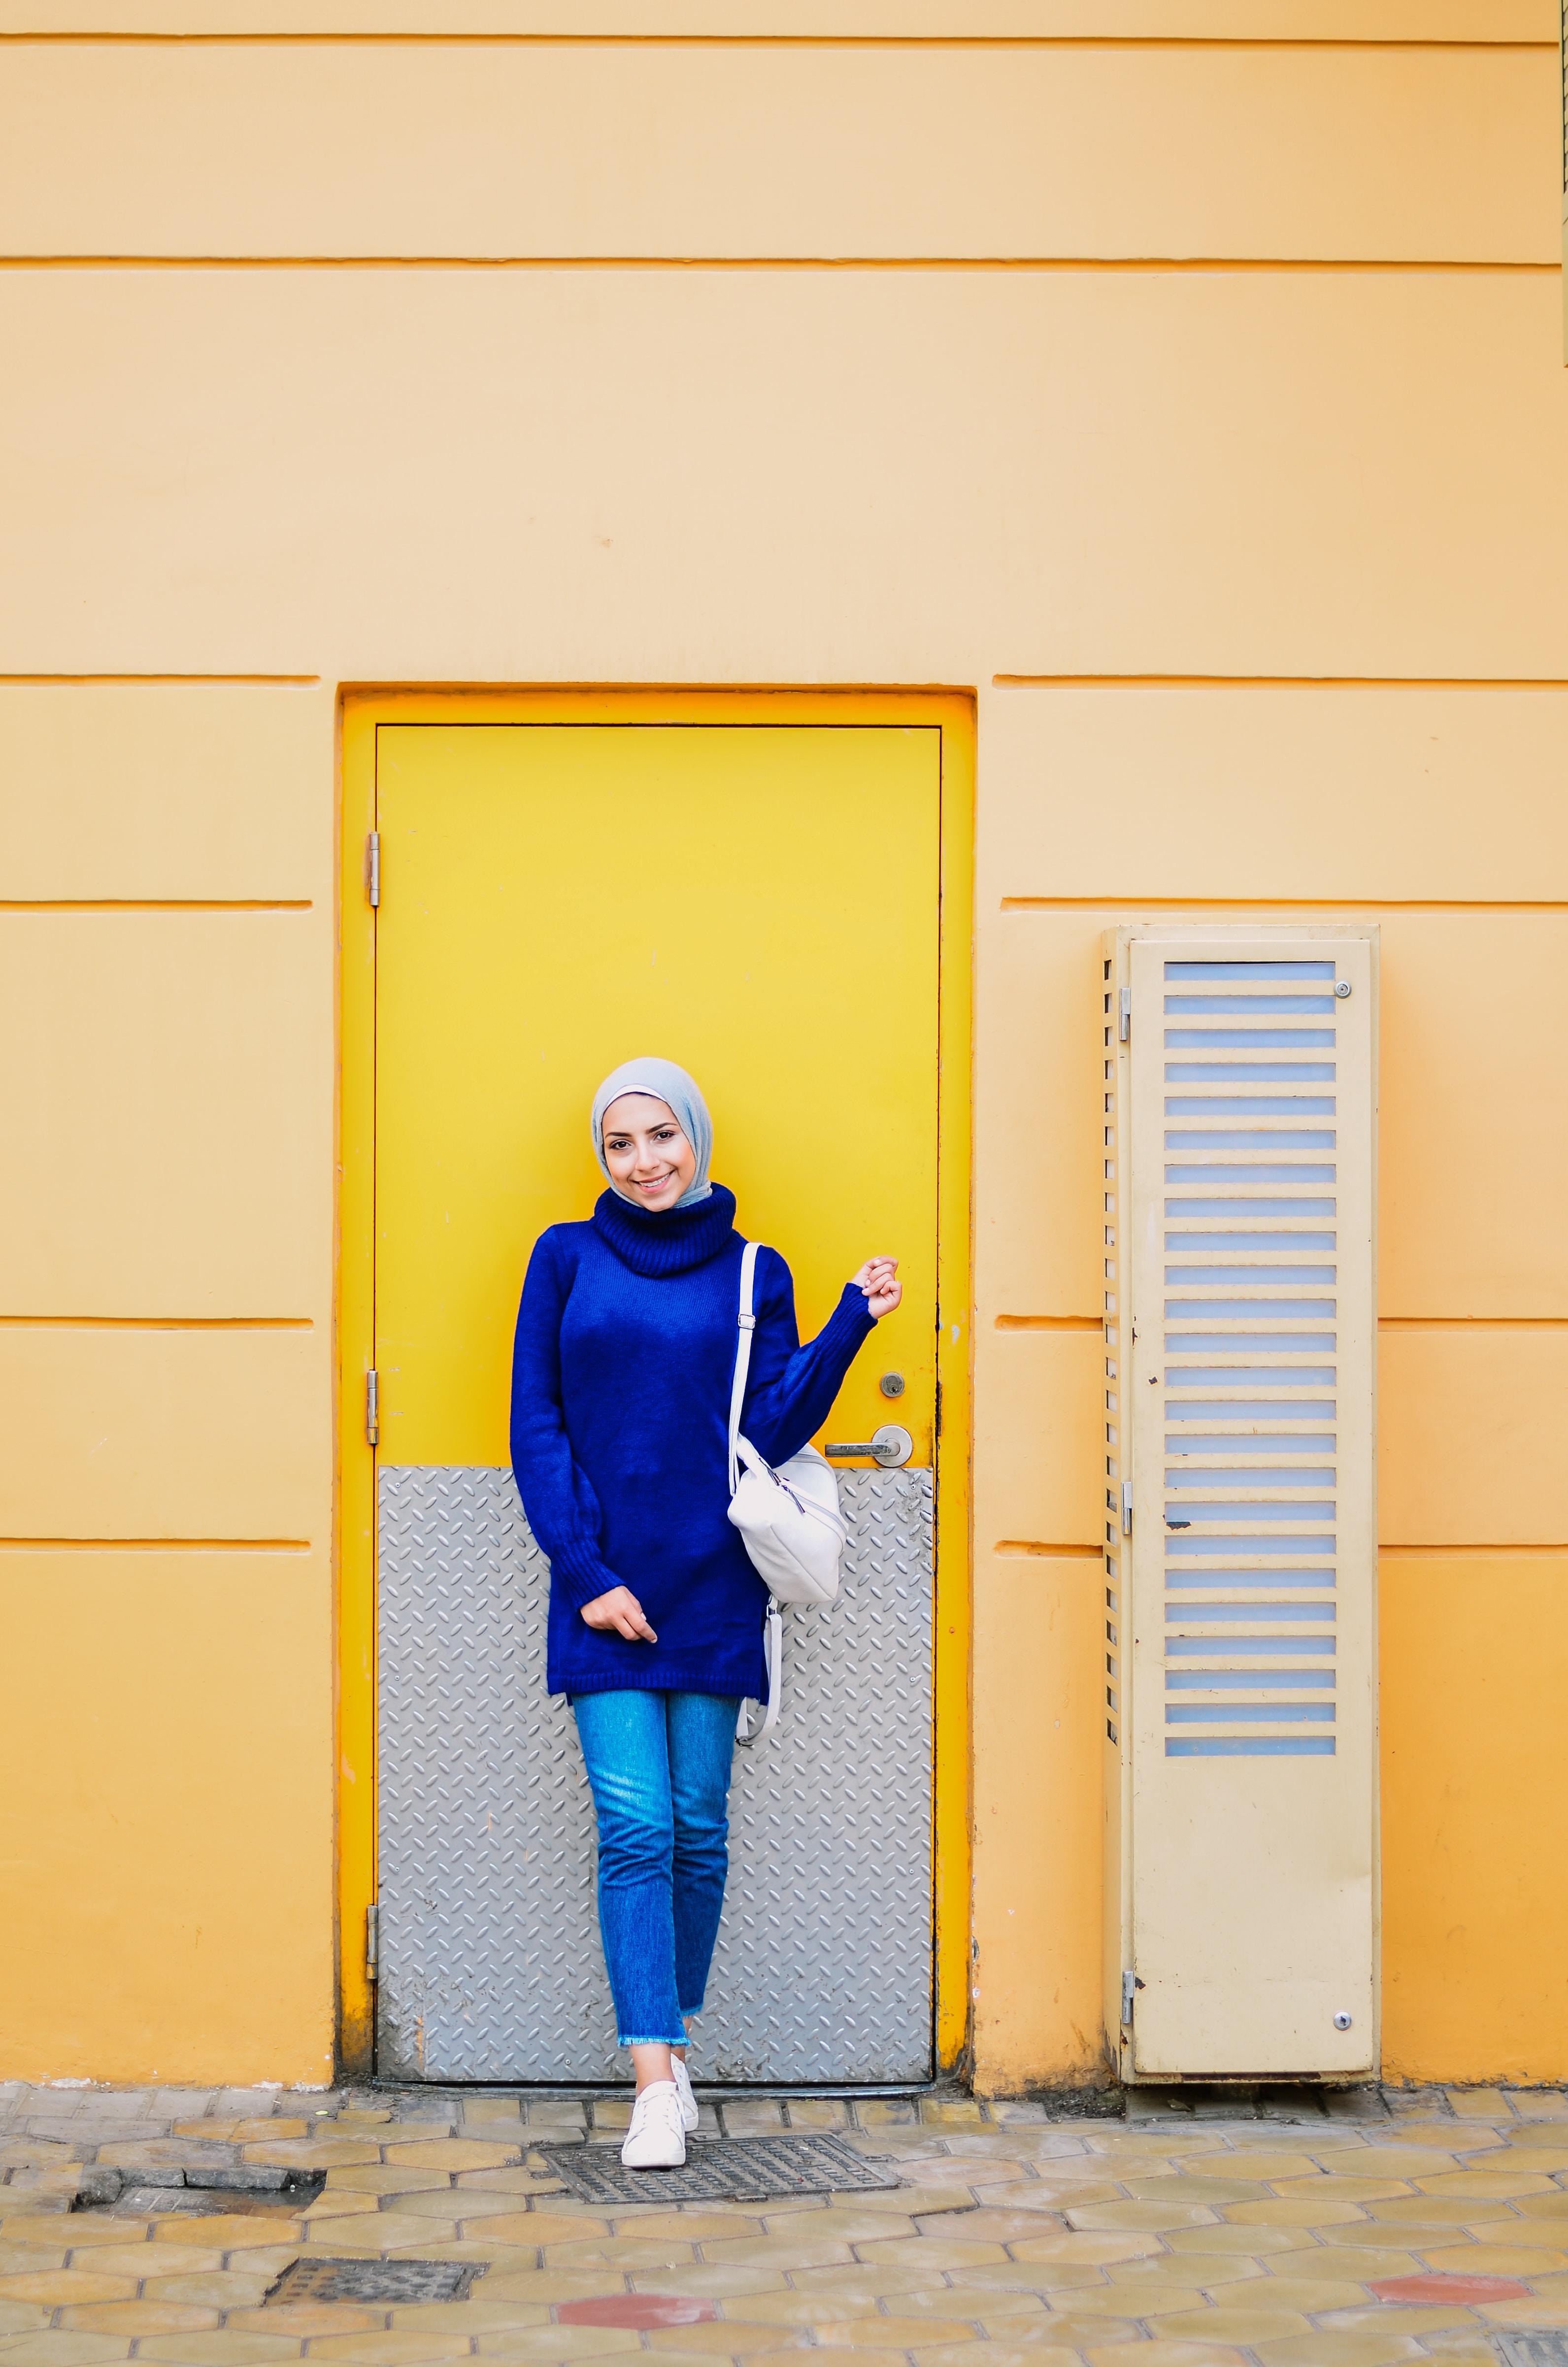 woman standing in front of yellow door